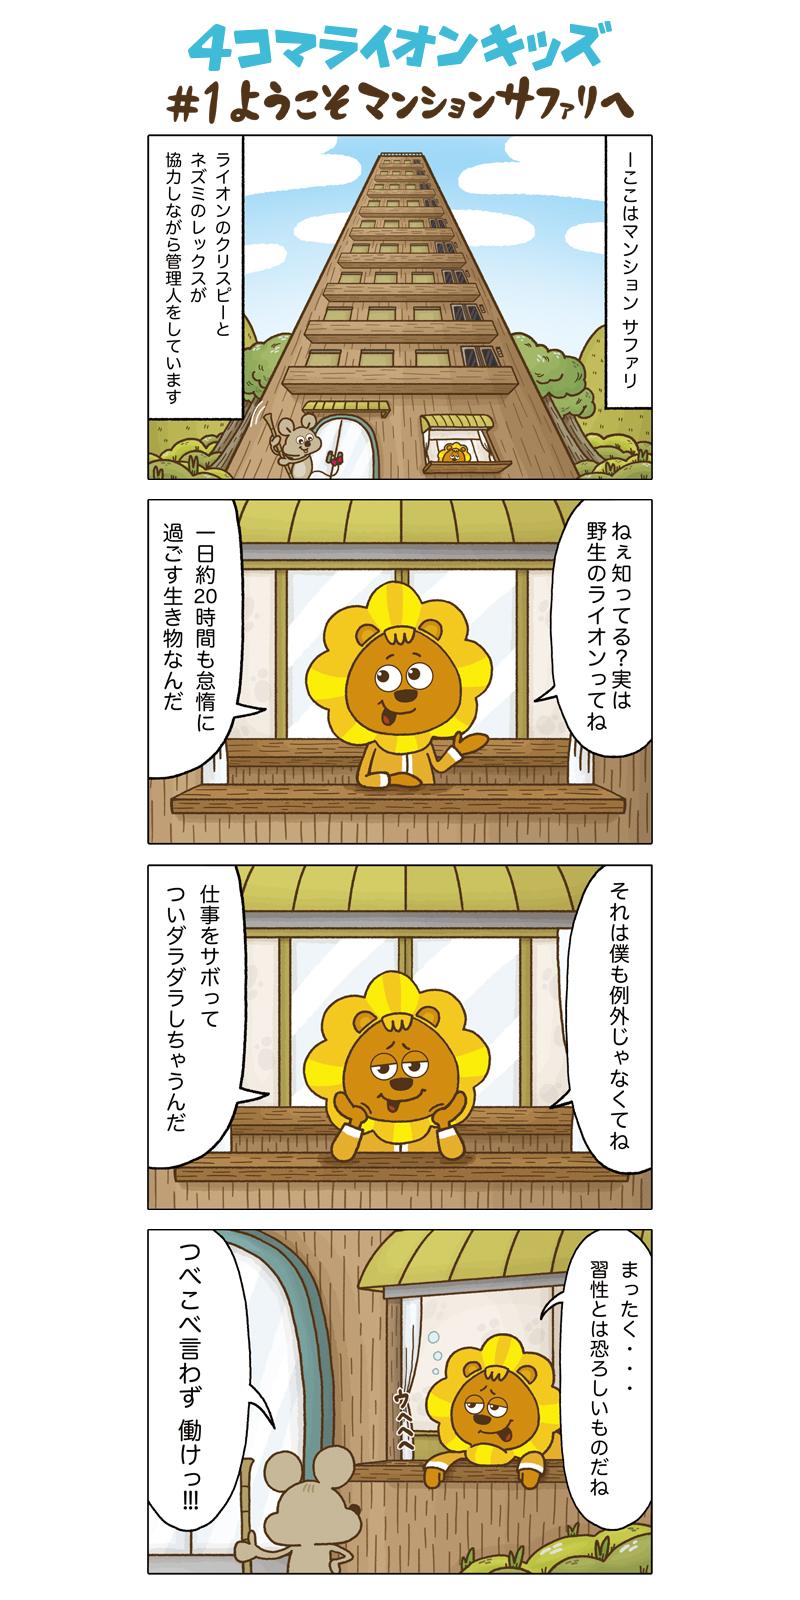 ライオンキッズ漫画1